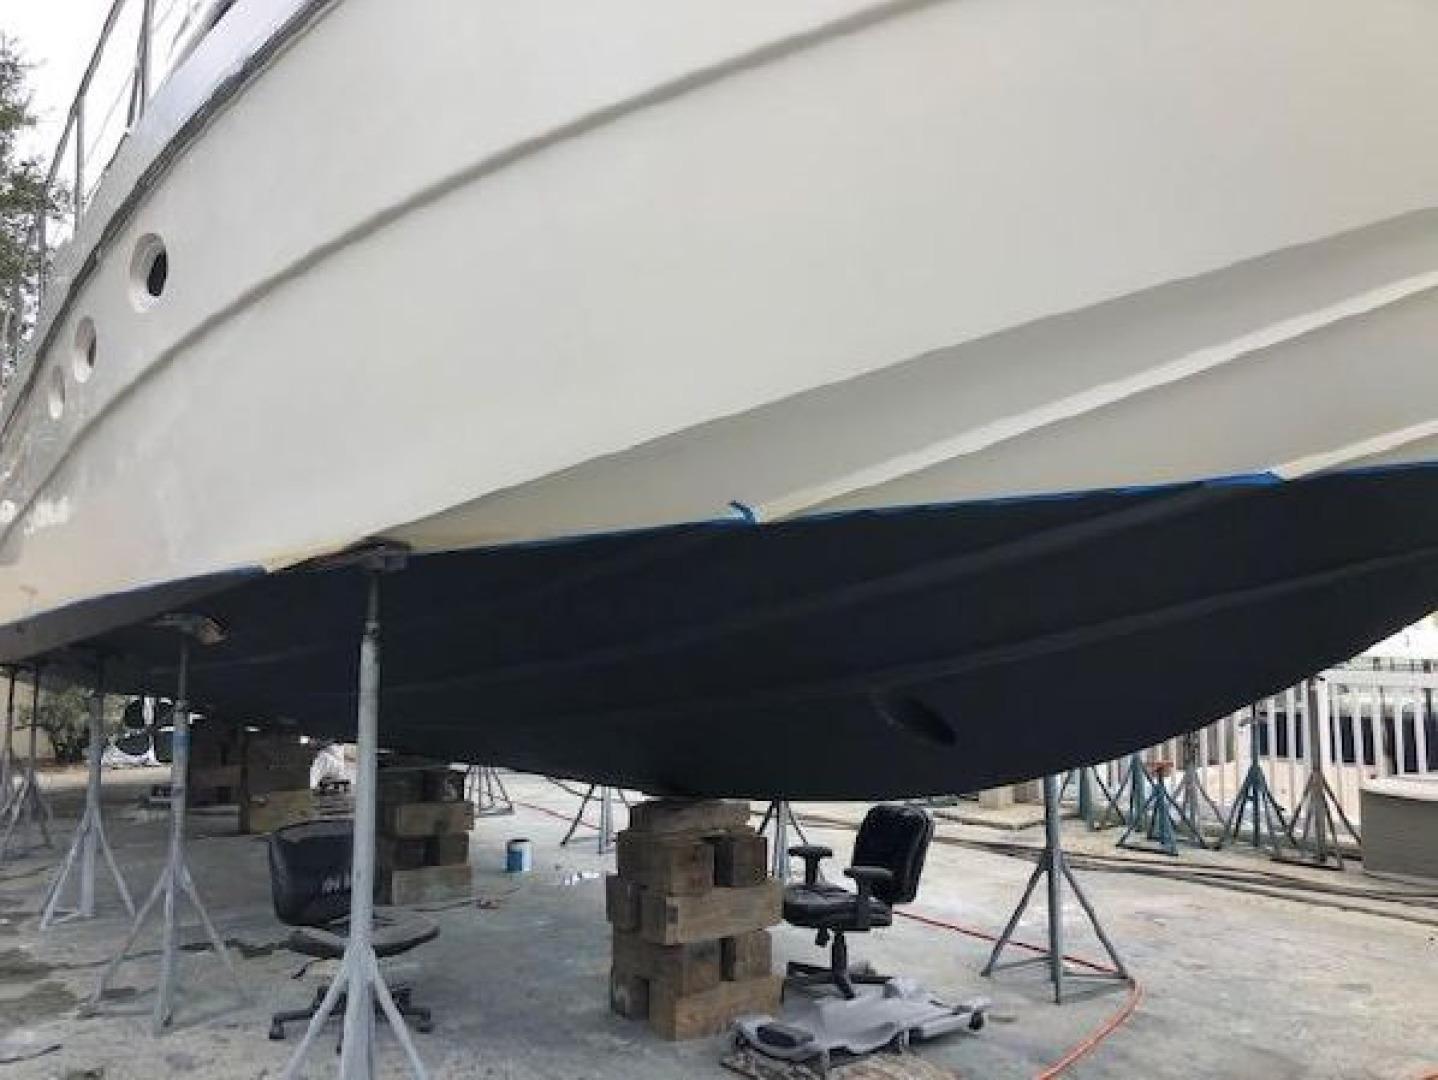 Azimut-Flybridge Motor Yacht 2000 -Boca Raton-Florida-United States-1564108 | Thumbnail